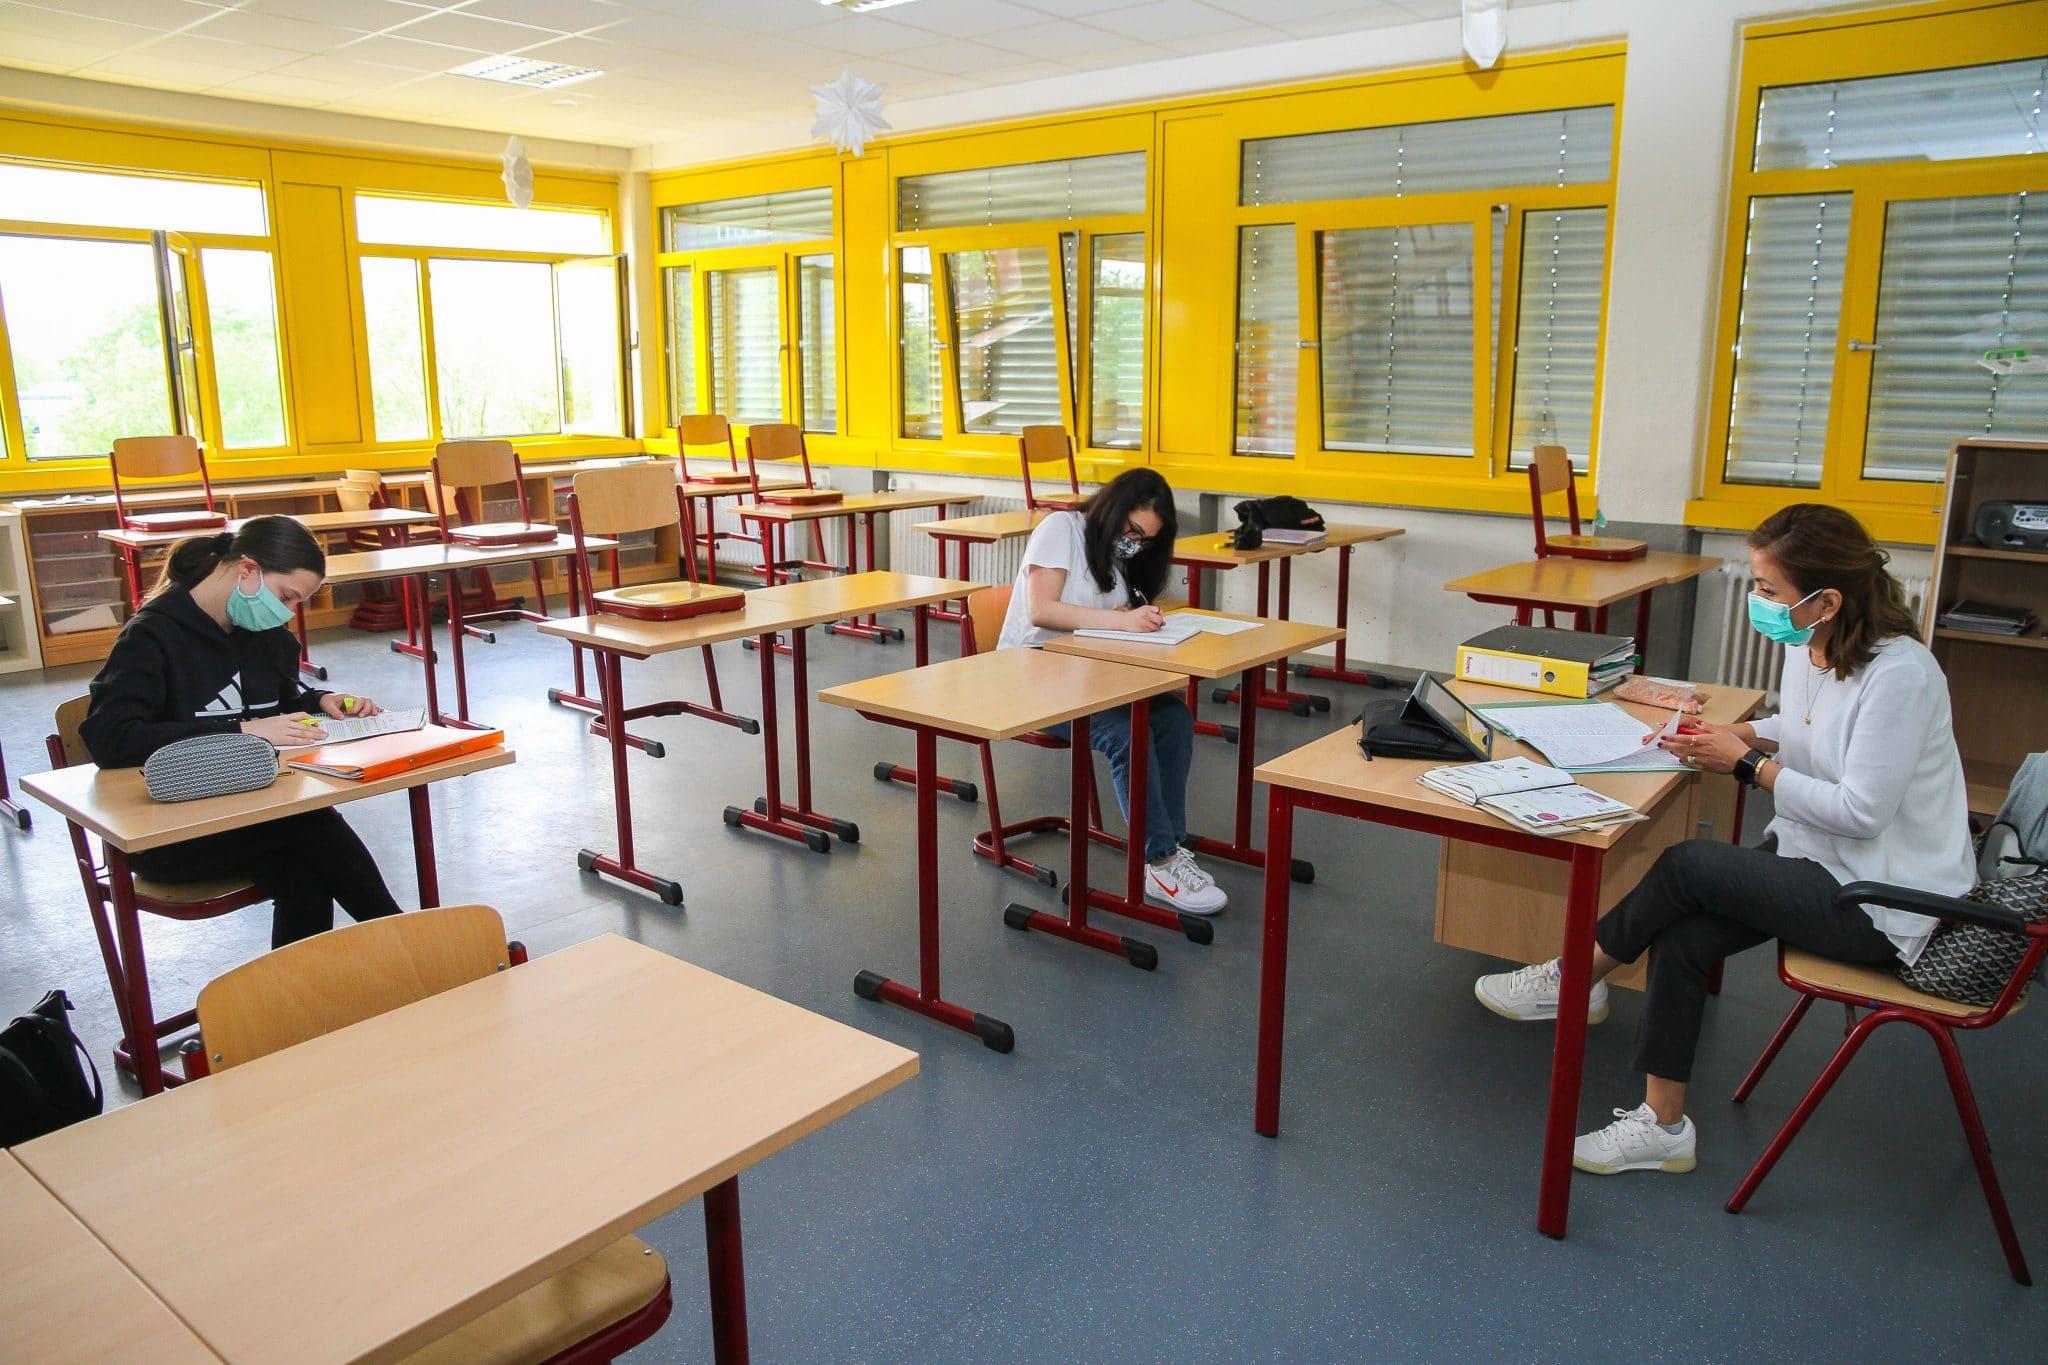 Abi-Prüfungsvorbereitung im HHG während der Corona-Krise  (Fotos: IN-StadtMagazine)